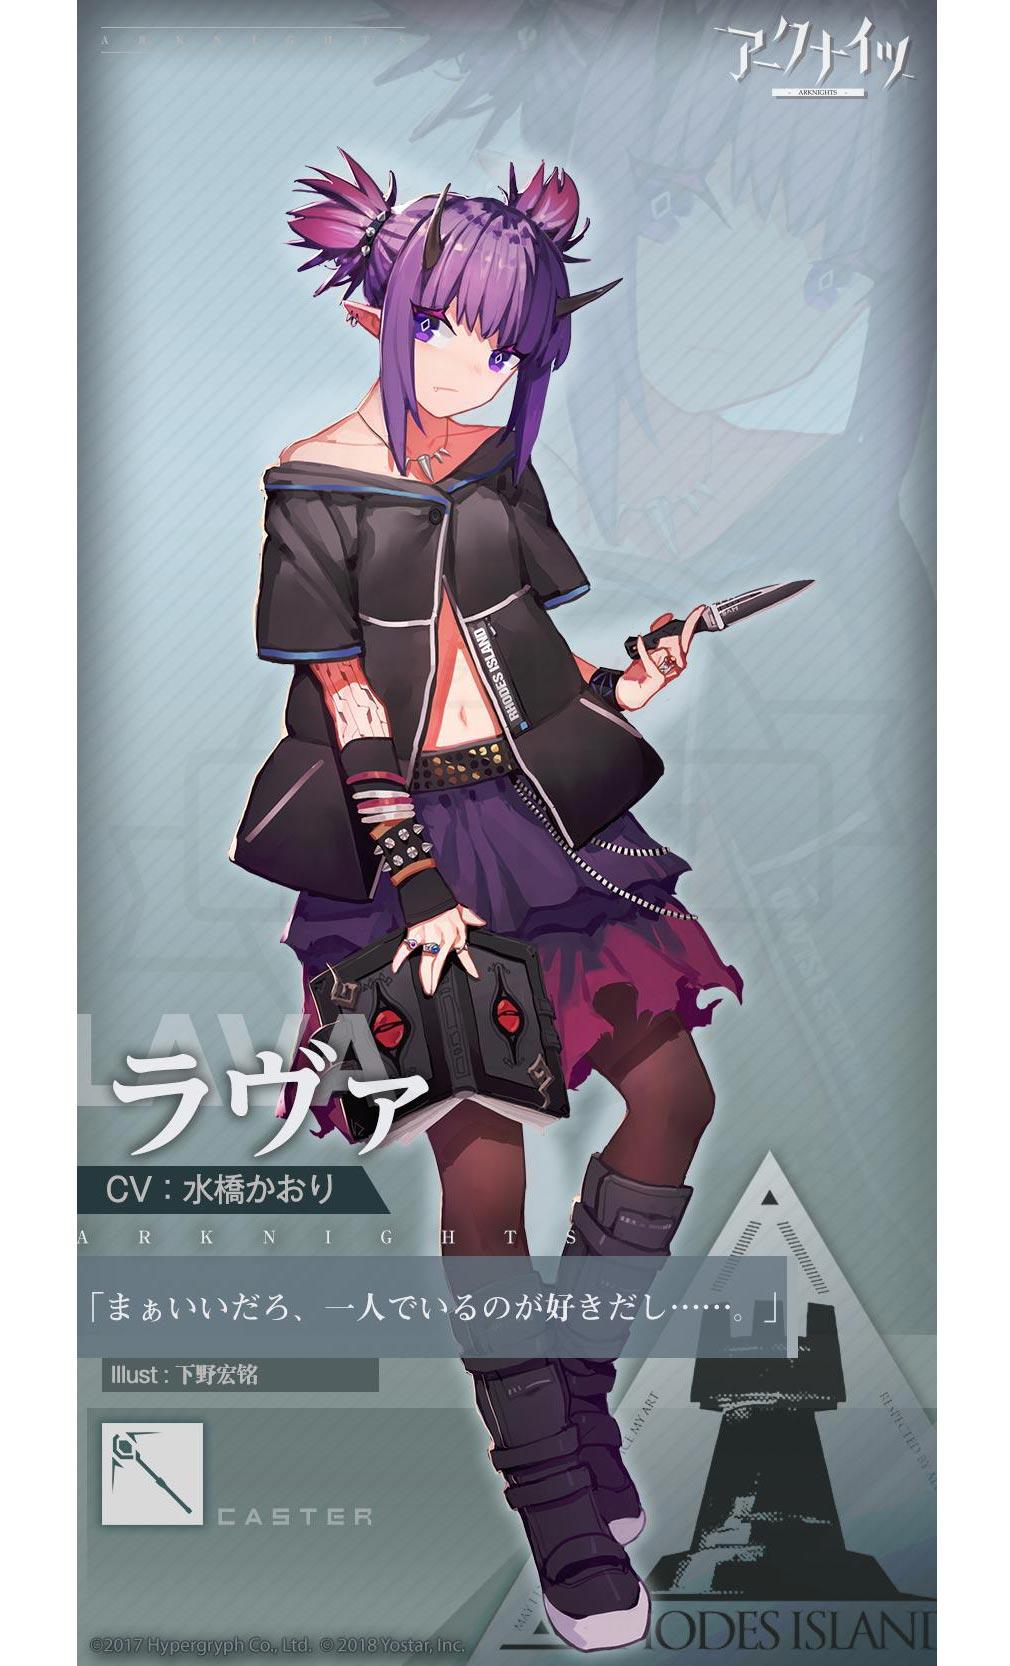 アークナイツ(ARKNIGHTS) キャラクター『ラヴァ』紹介イメージ